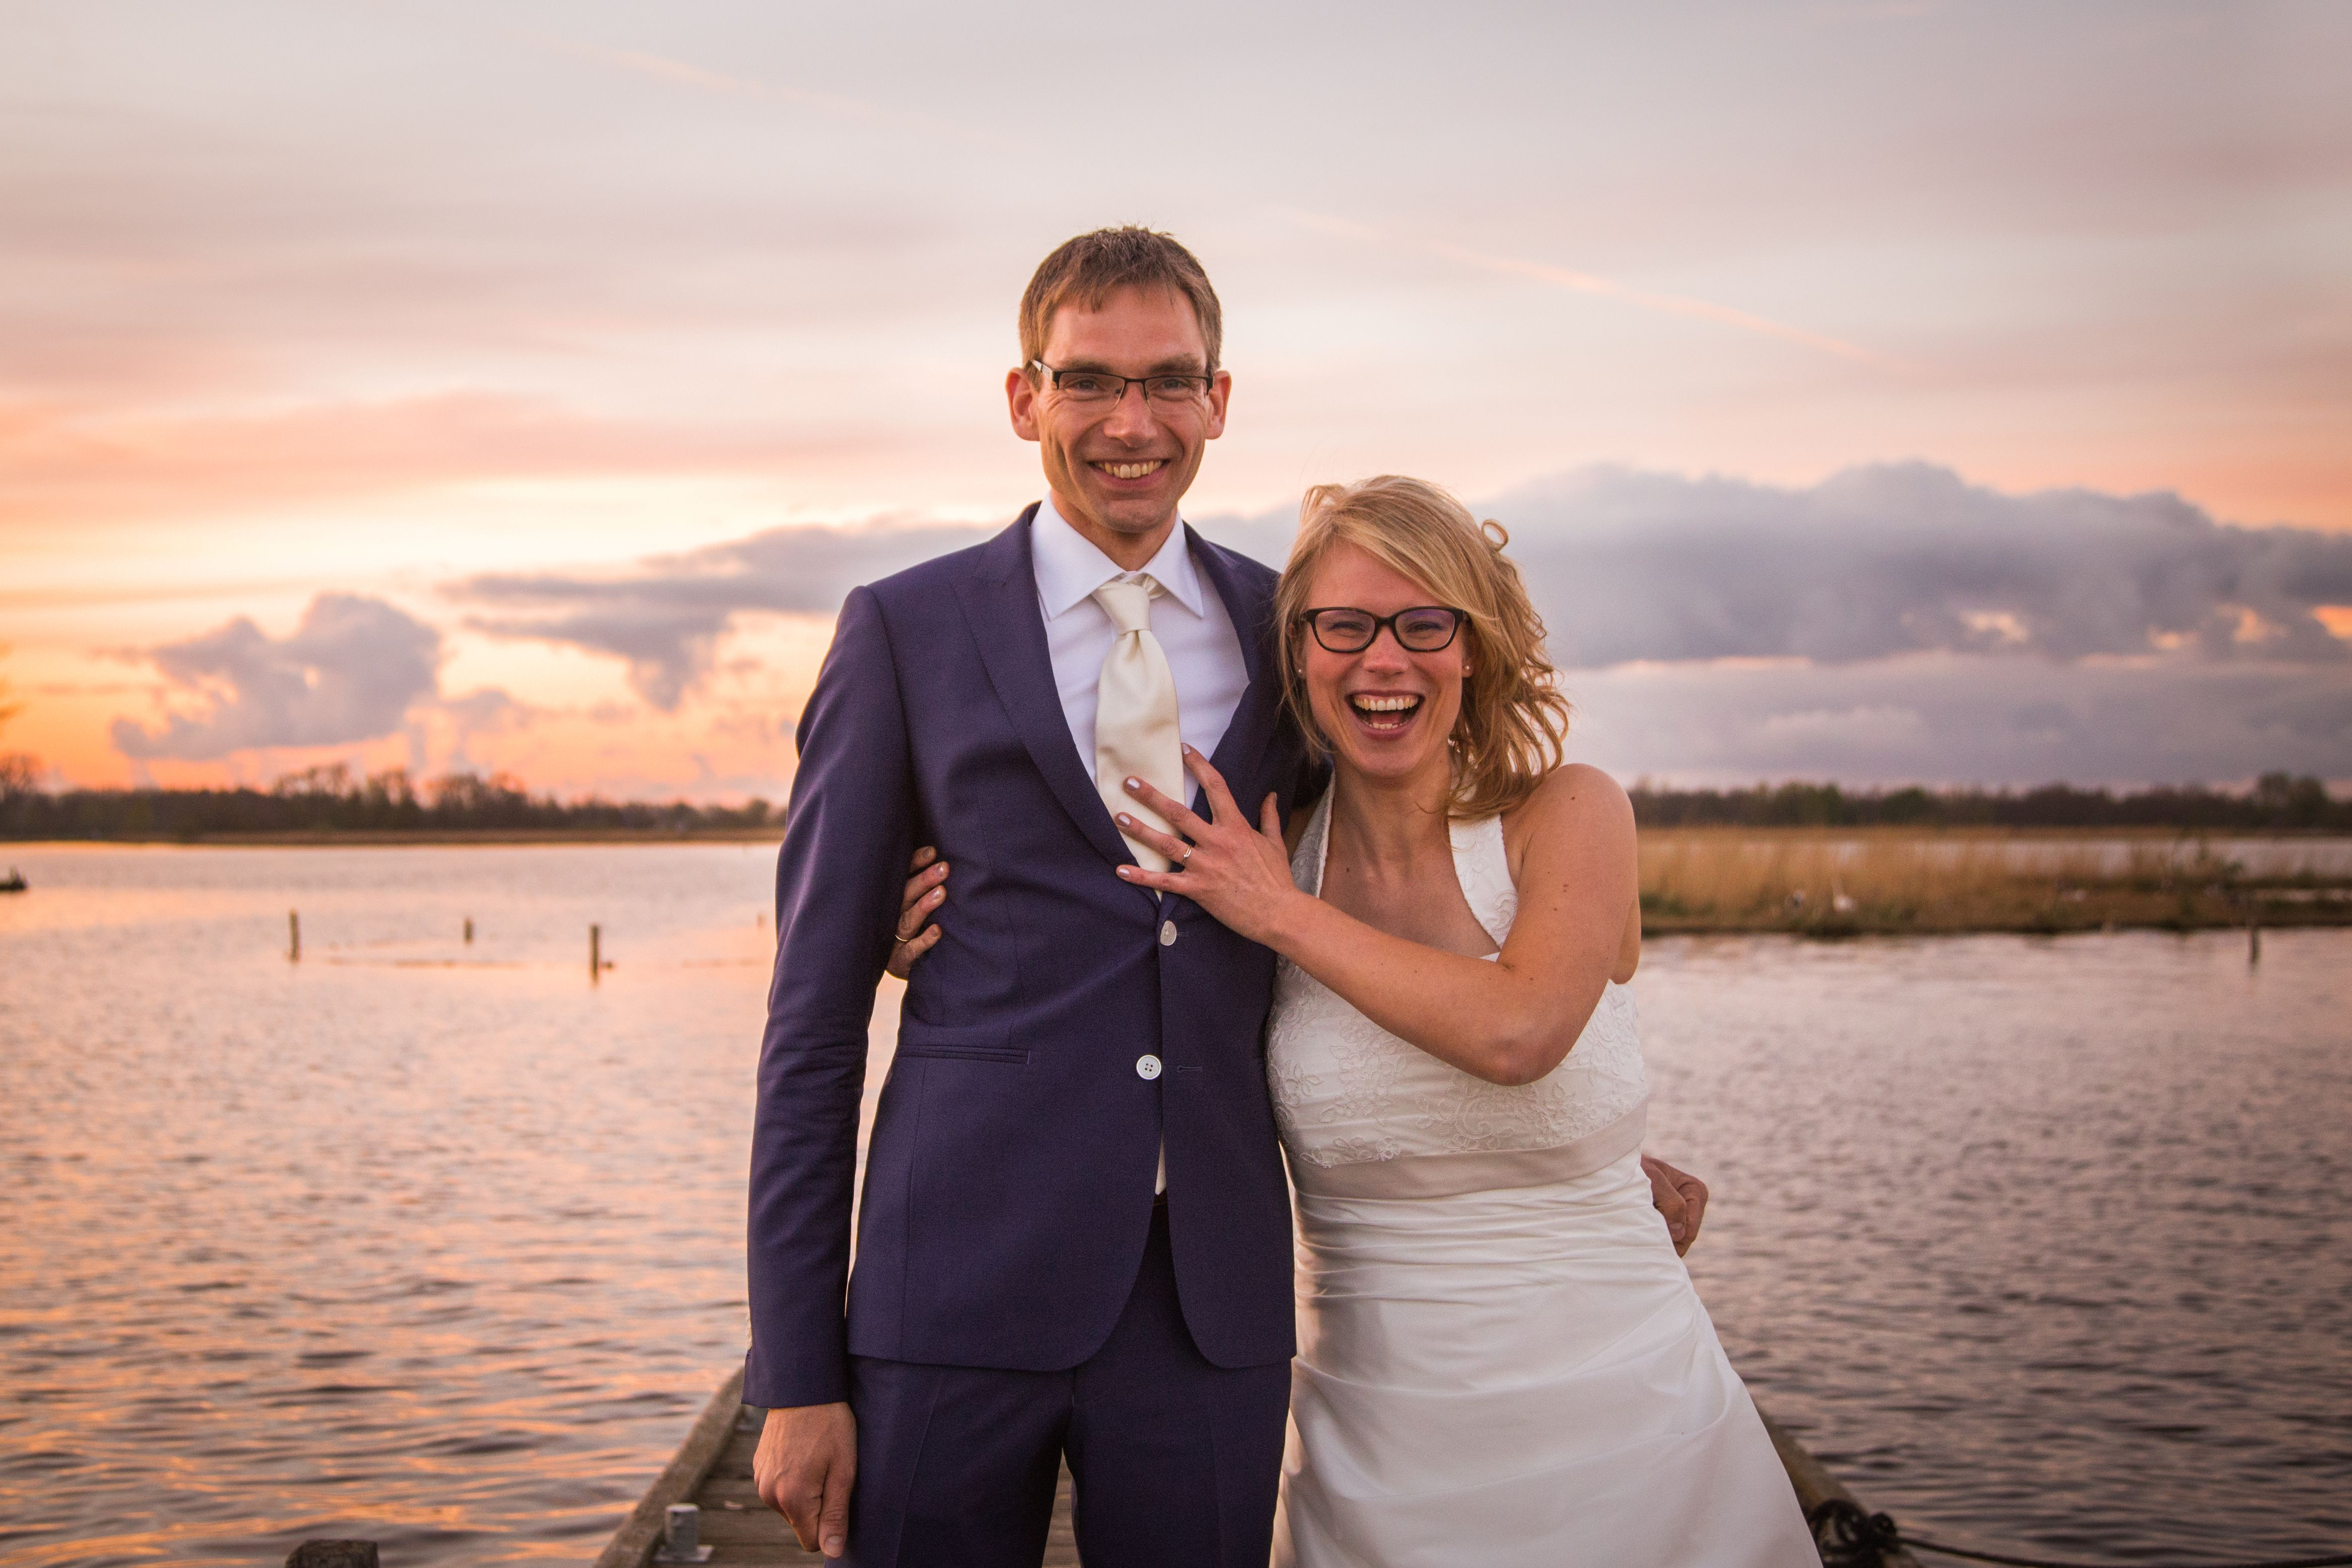 Bruidsfotografie | Bruidsreportage | Bruiloft |  Cnossen Groningen